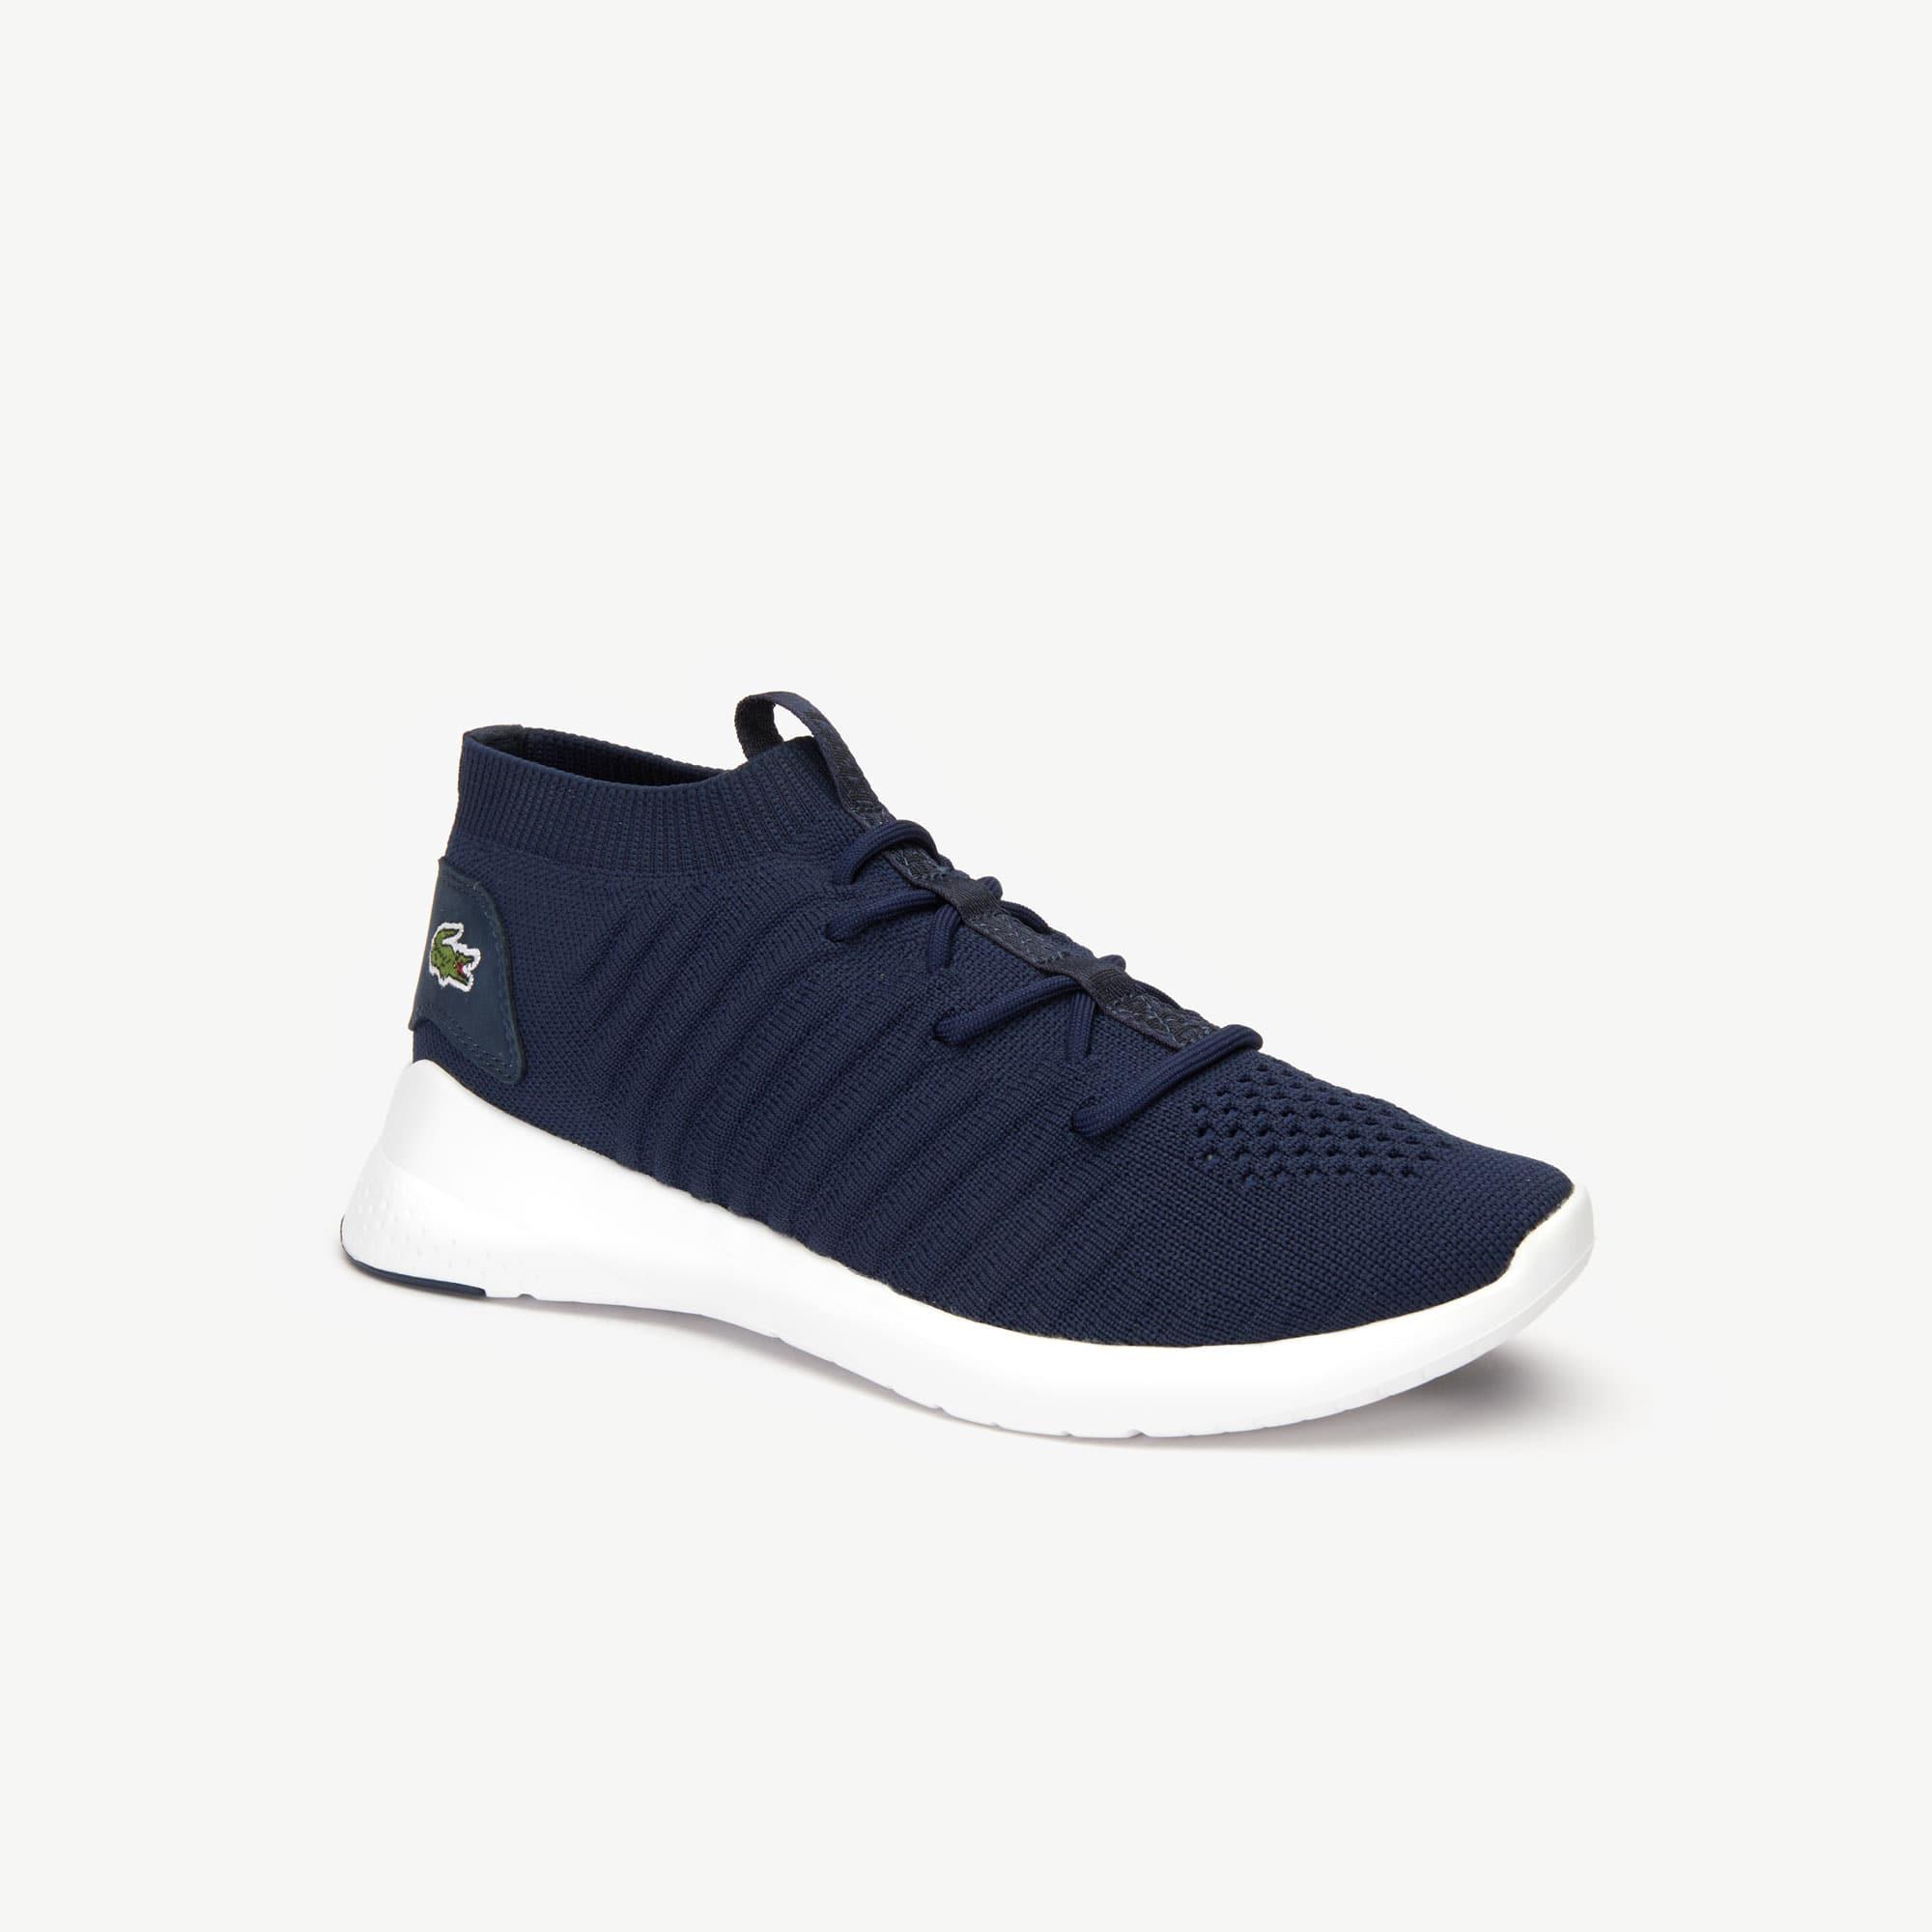 premium selection 9d6c7 13d3f Polo shirts, shoes, leather goods | LACOSTE Online Boutique